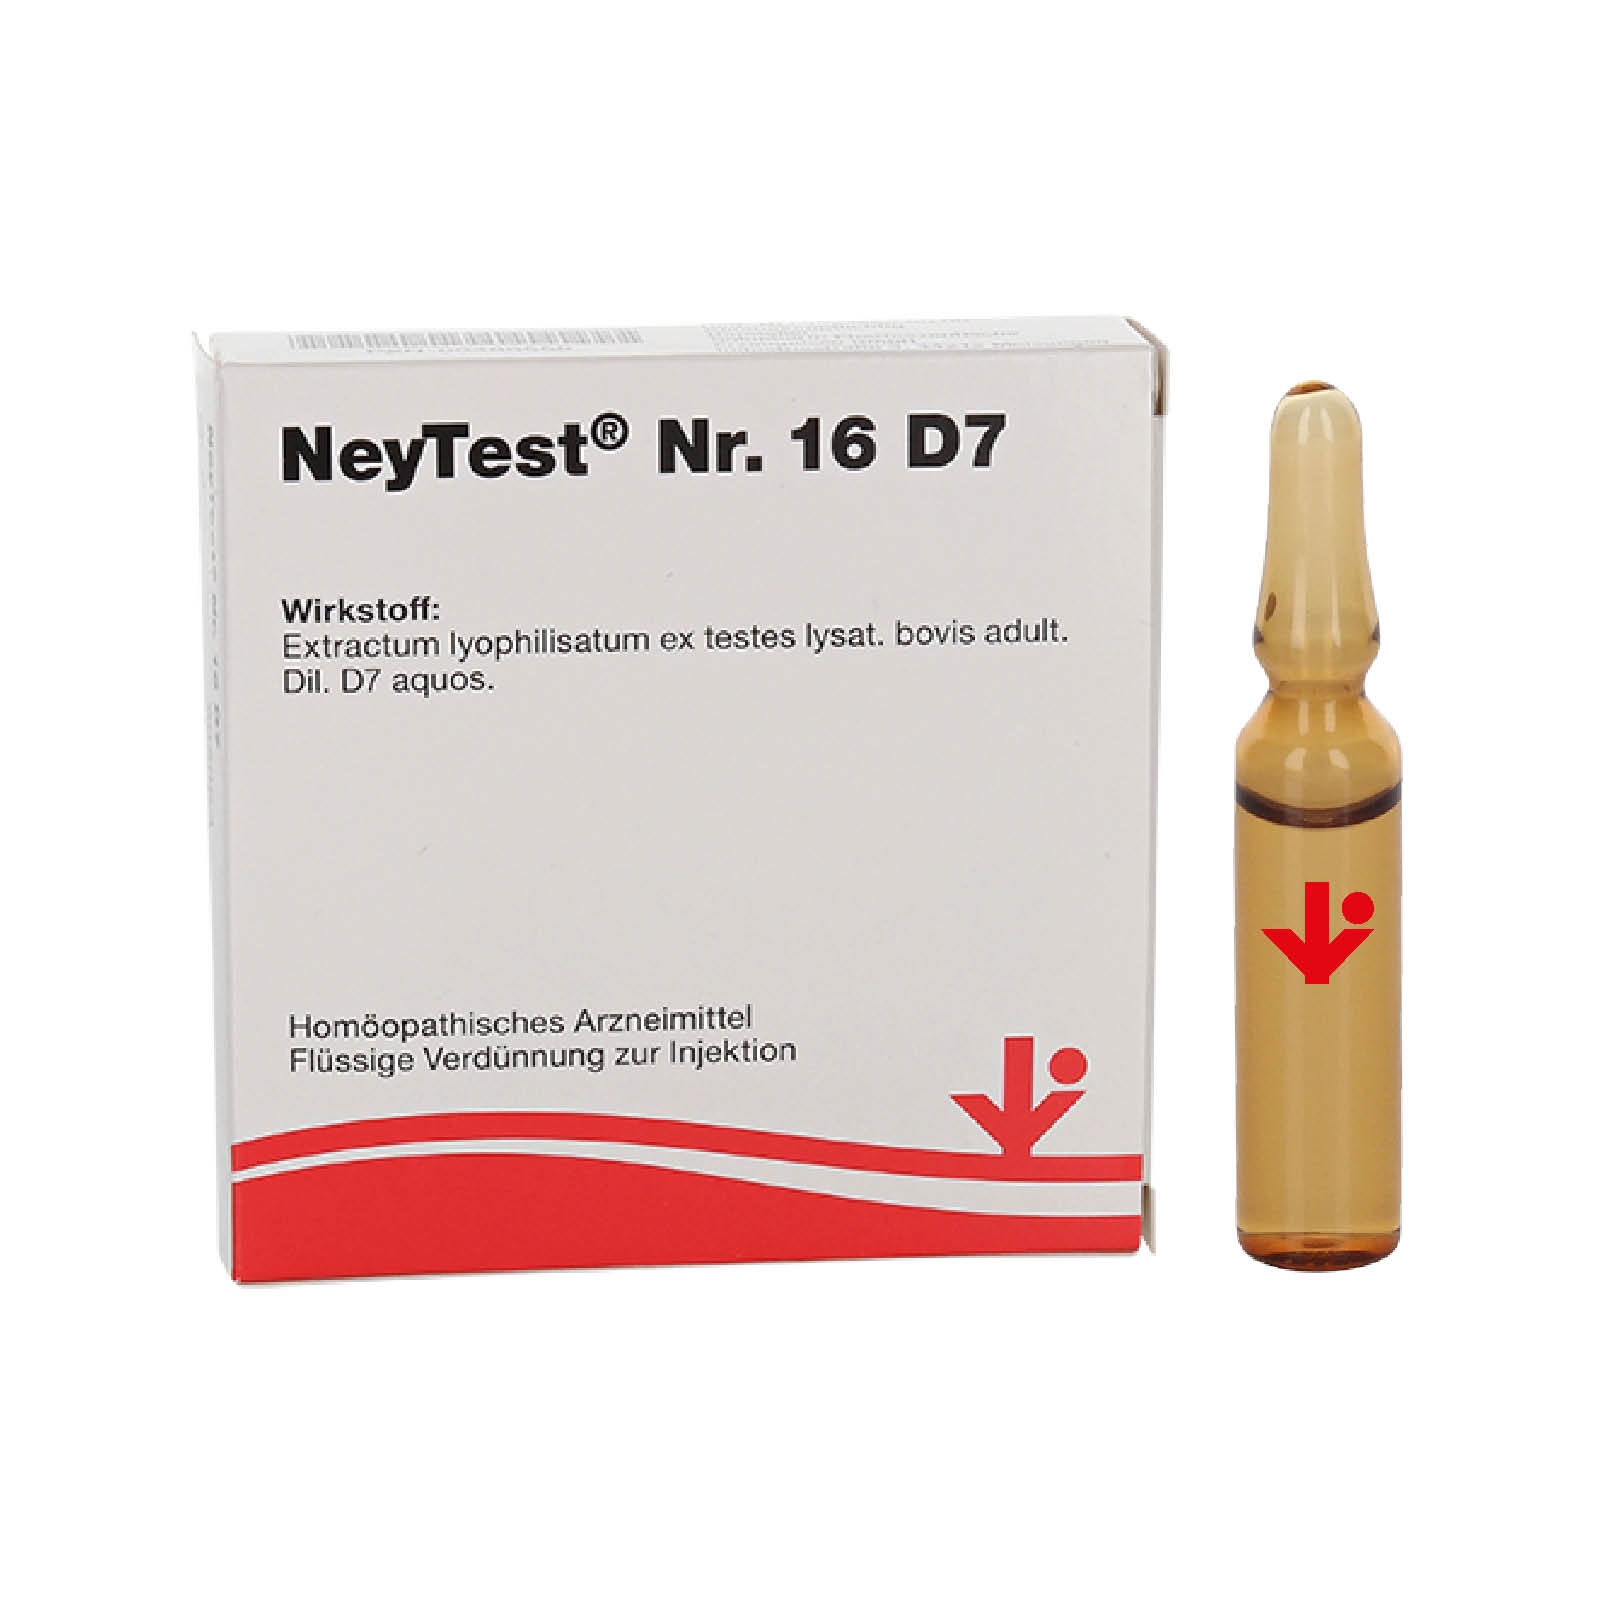 NeyTest® Nr. 16 D7 (früher NeySexan® genannt)